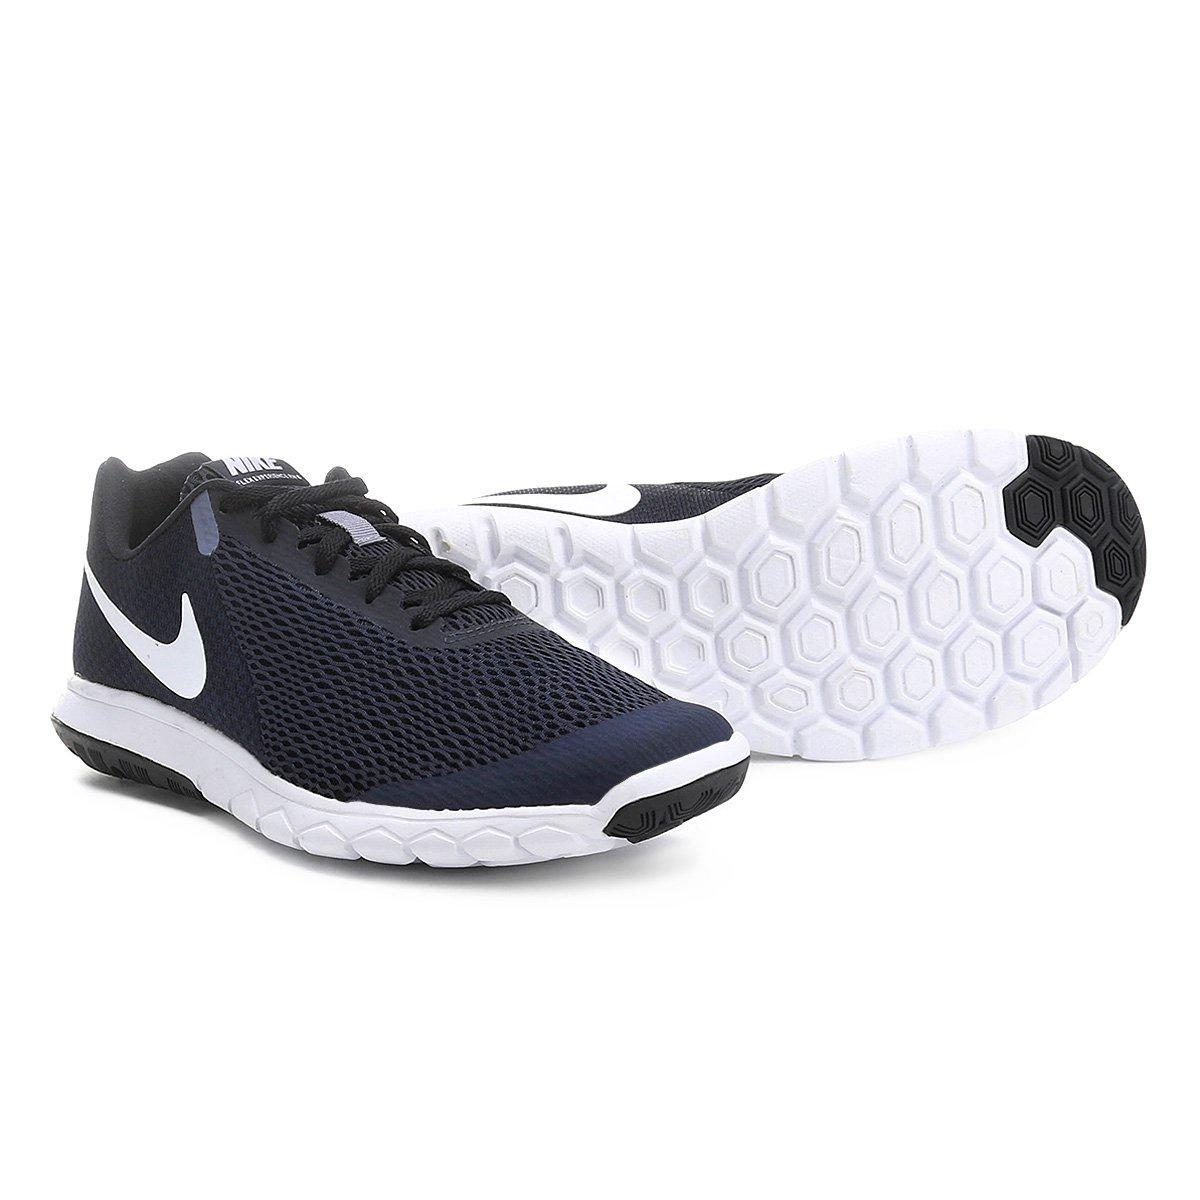 23d273ba704 Tênis Nike Flex Experience Rn 6 Masculino - Marinho e Branco - Compre Agora